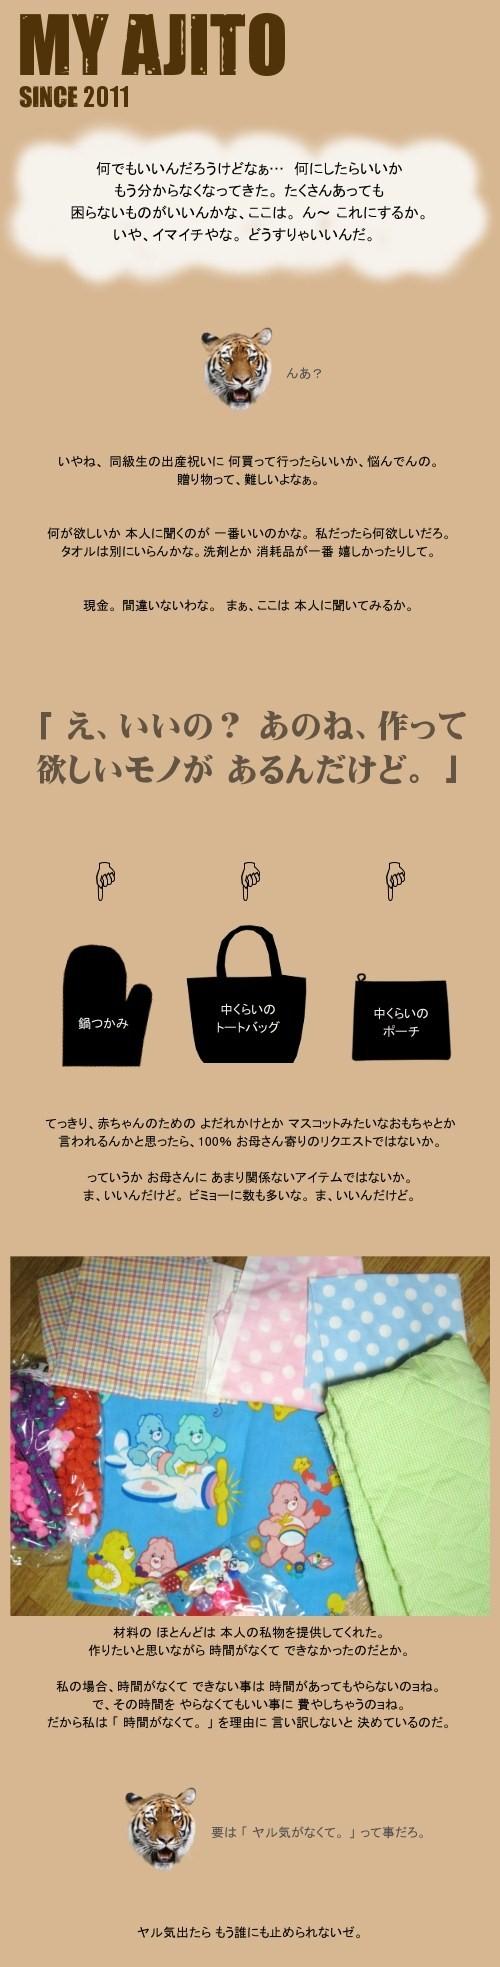 yun_01.jpg